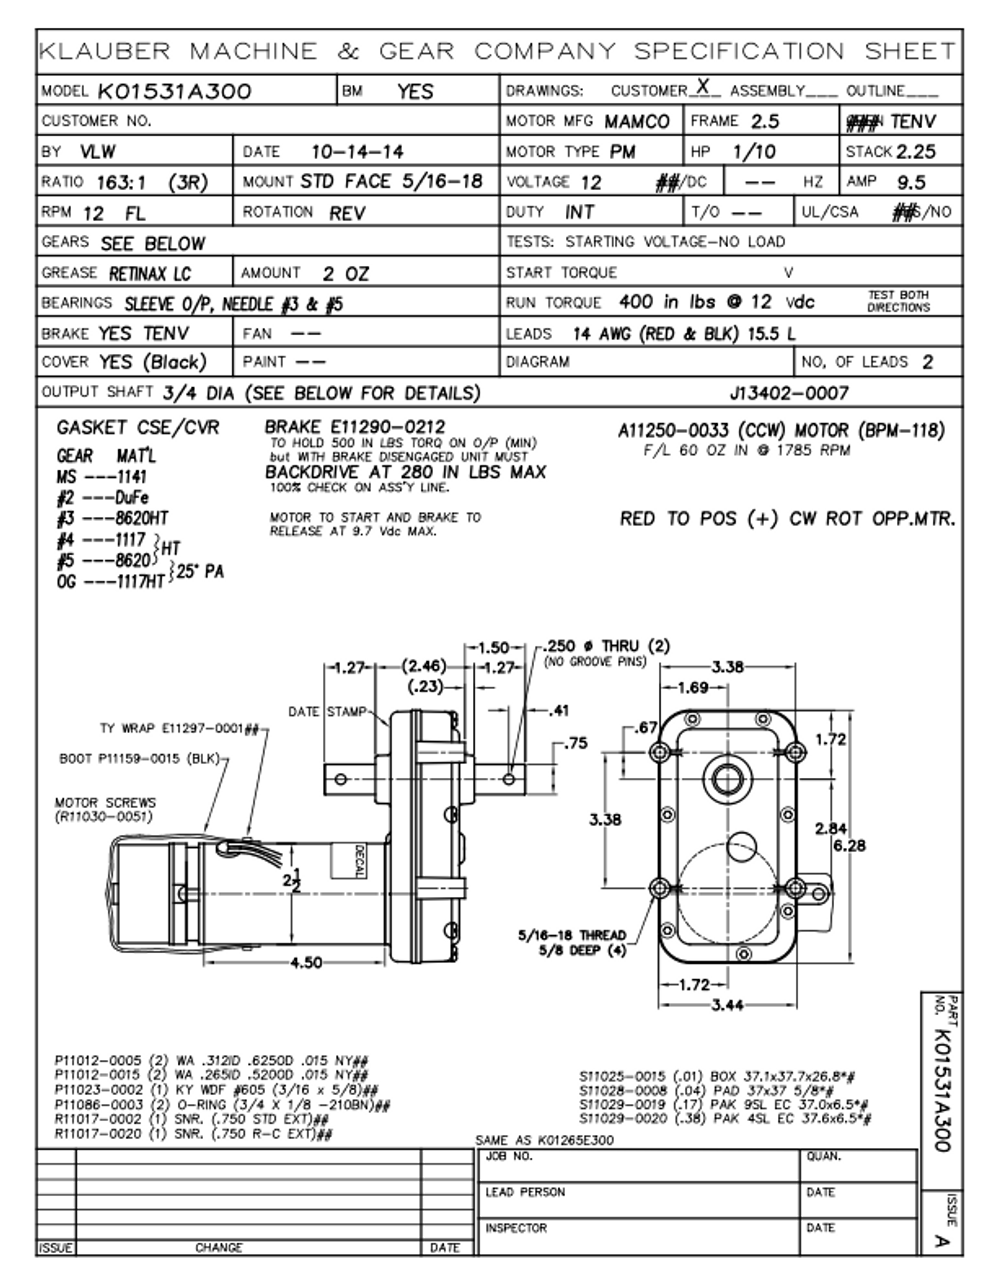 dutchmen wiring harness diagram - wiring diagram schematic 1993 dutchman camper 12 volt wiring diagram  12mr-anitra.de